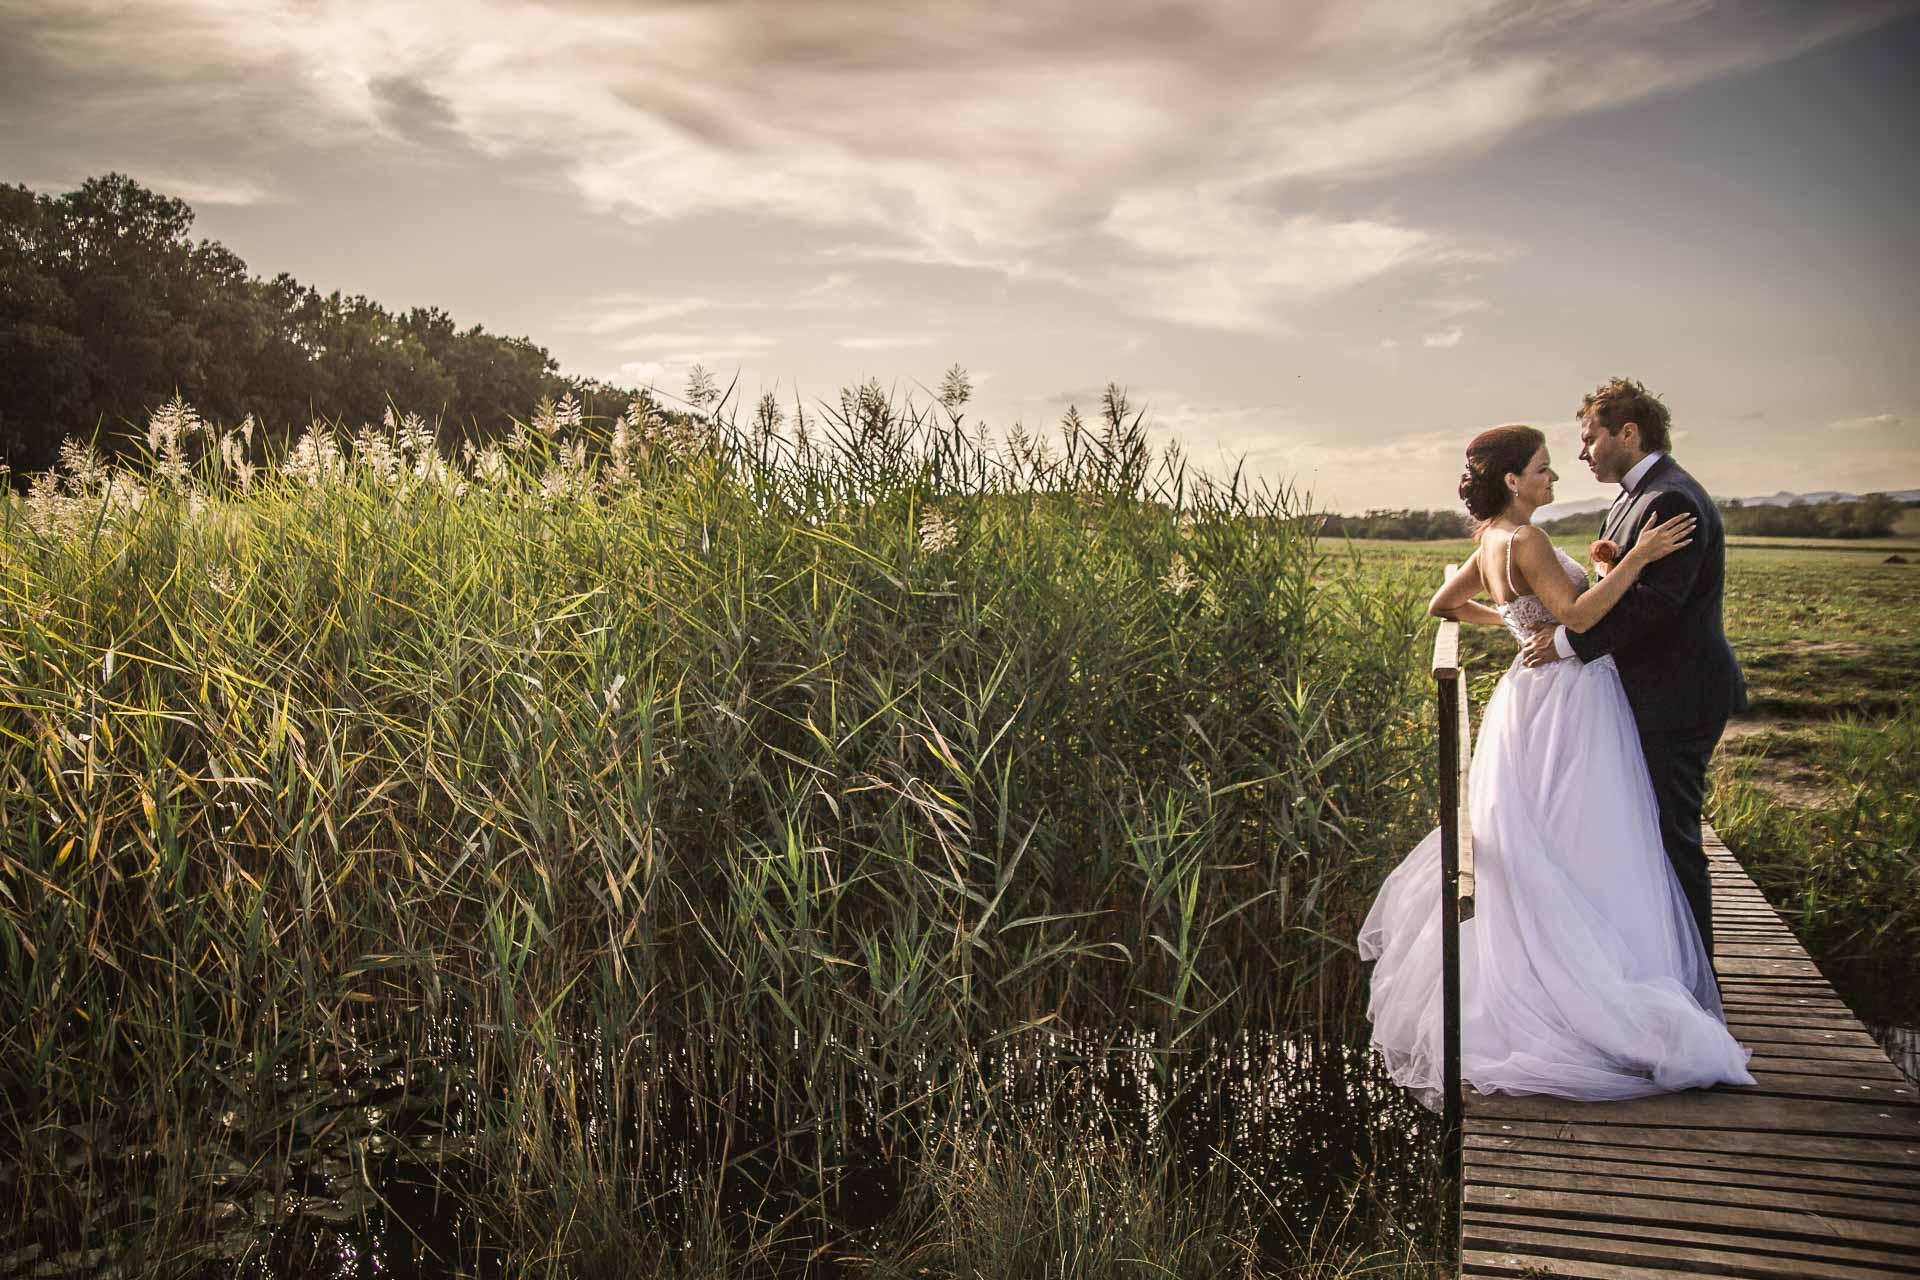 svatební-fotografie-Říp-svatební-video-ŘÍP-svatební-fotograf-ŘÍP-svatba-Mělník-svatba-Neratovice-fotograf-na-savtbu-kameraman-na-svatbu-377